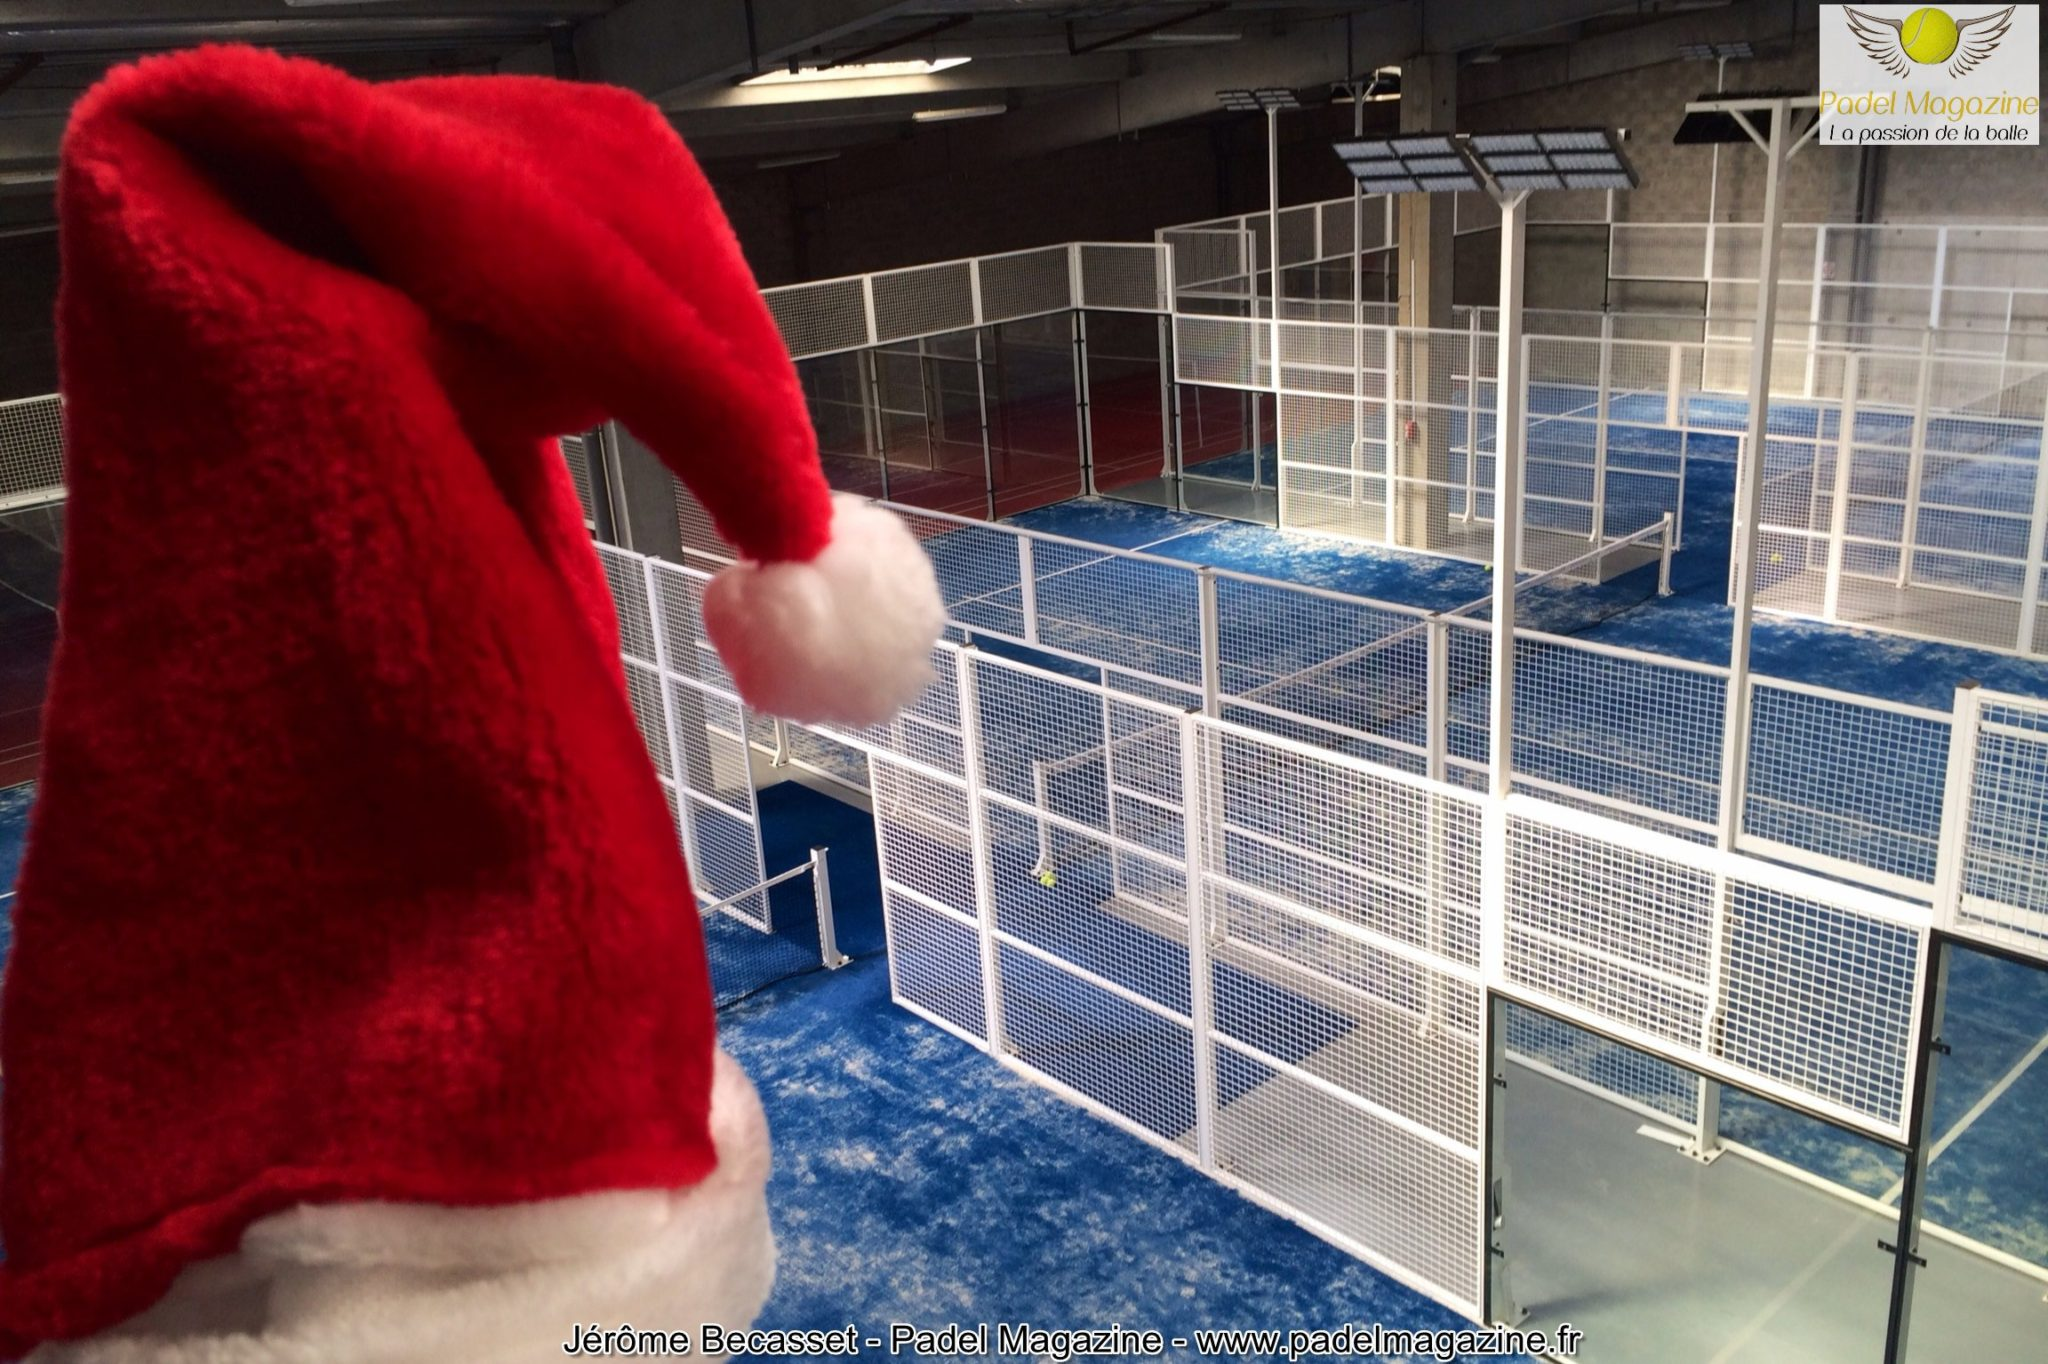 Á Padel Central : Noël c'est aujourd'hui !